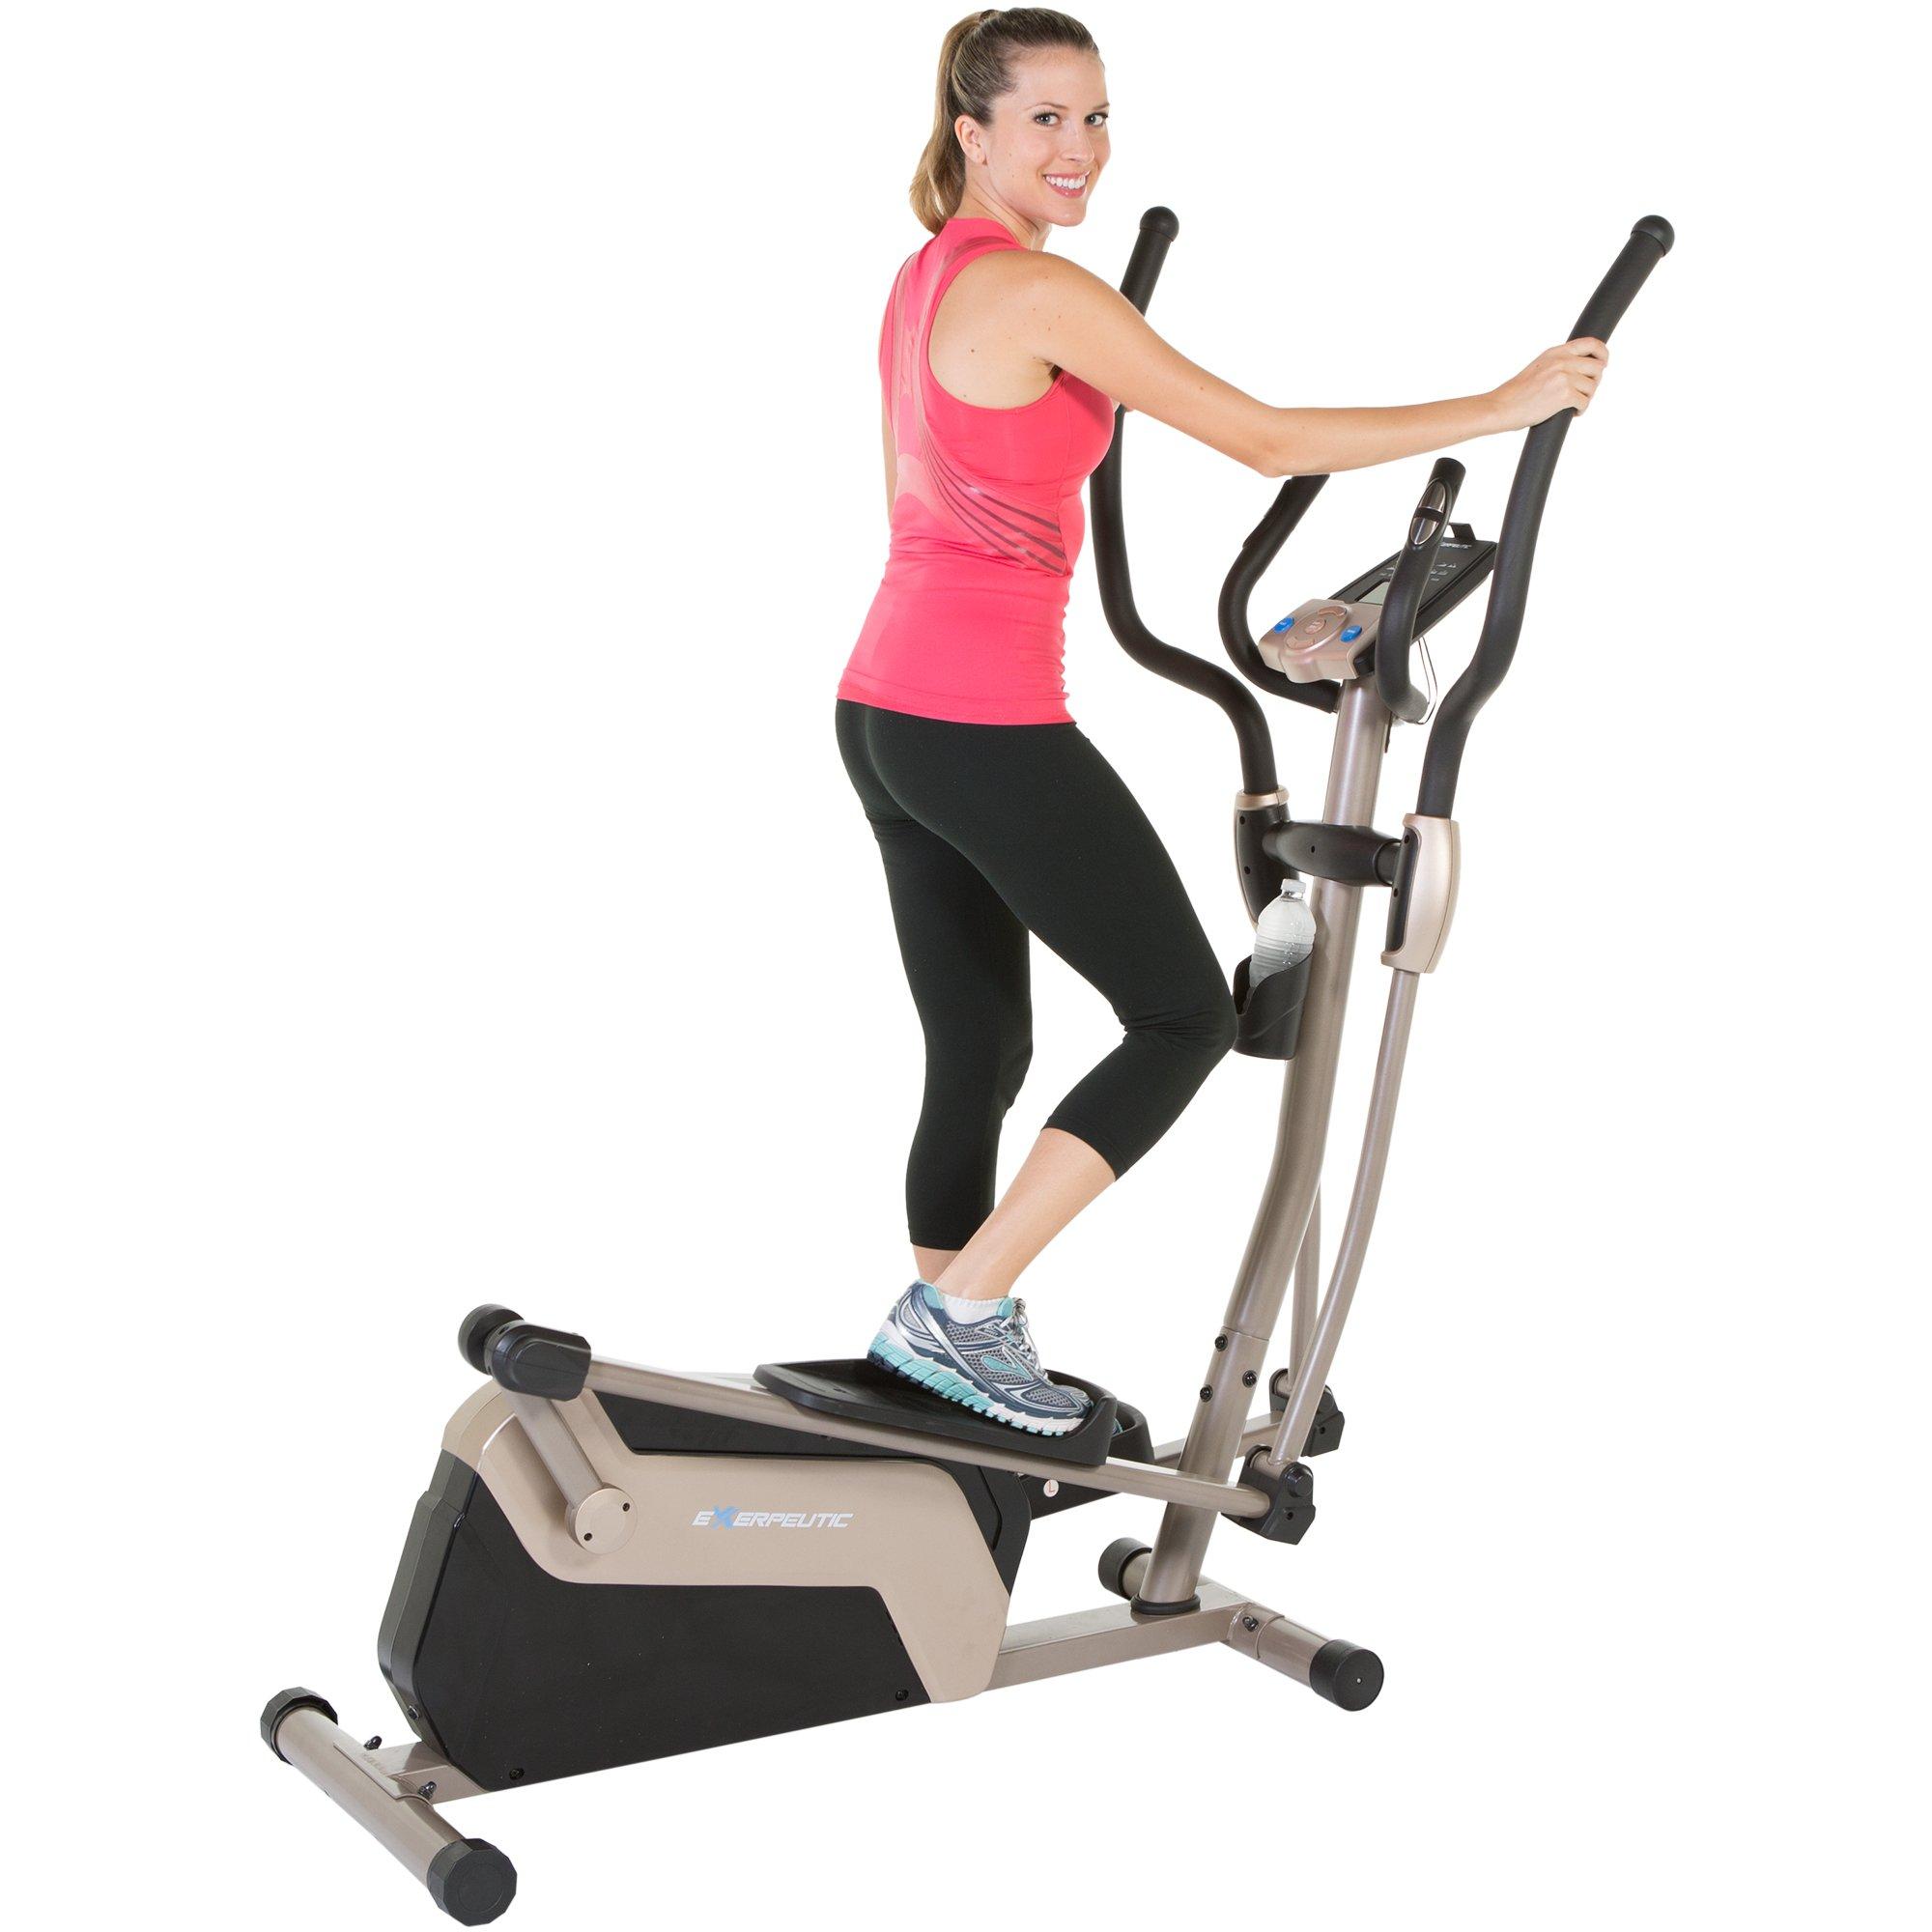 Тренажеры для похудения живота и боков: эффективные домашние модели